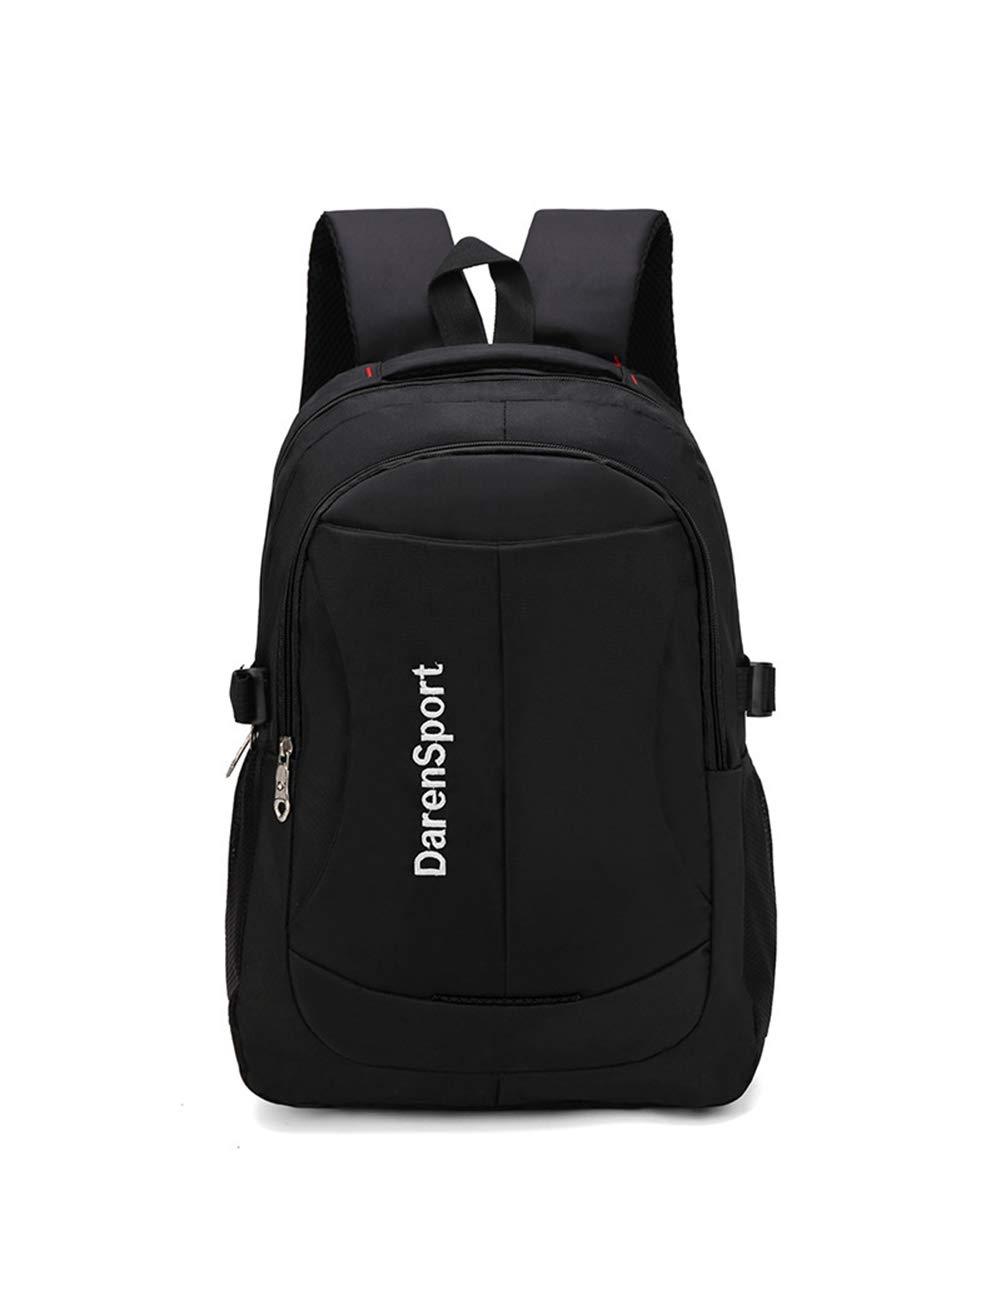 防水ラップトップバックパック迷彩メンズレディース男の子スクールバックパック、カジュアルビジネスデイパック旅行バックパックのための大学  black B07Q7R326Z